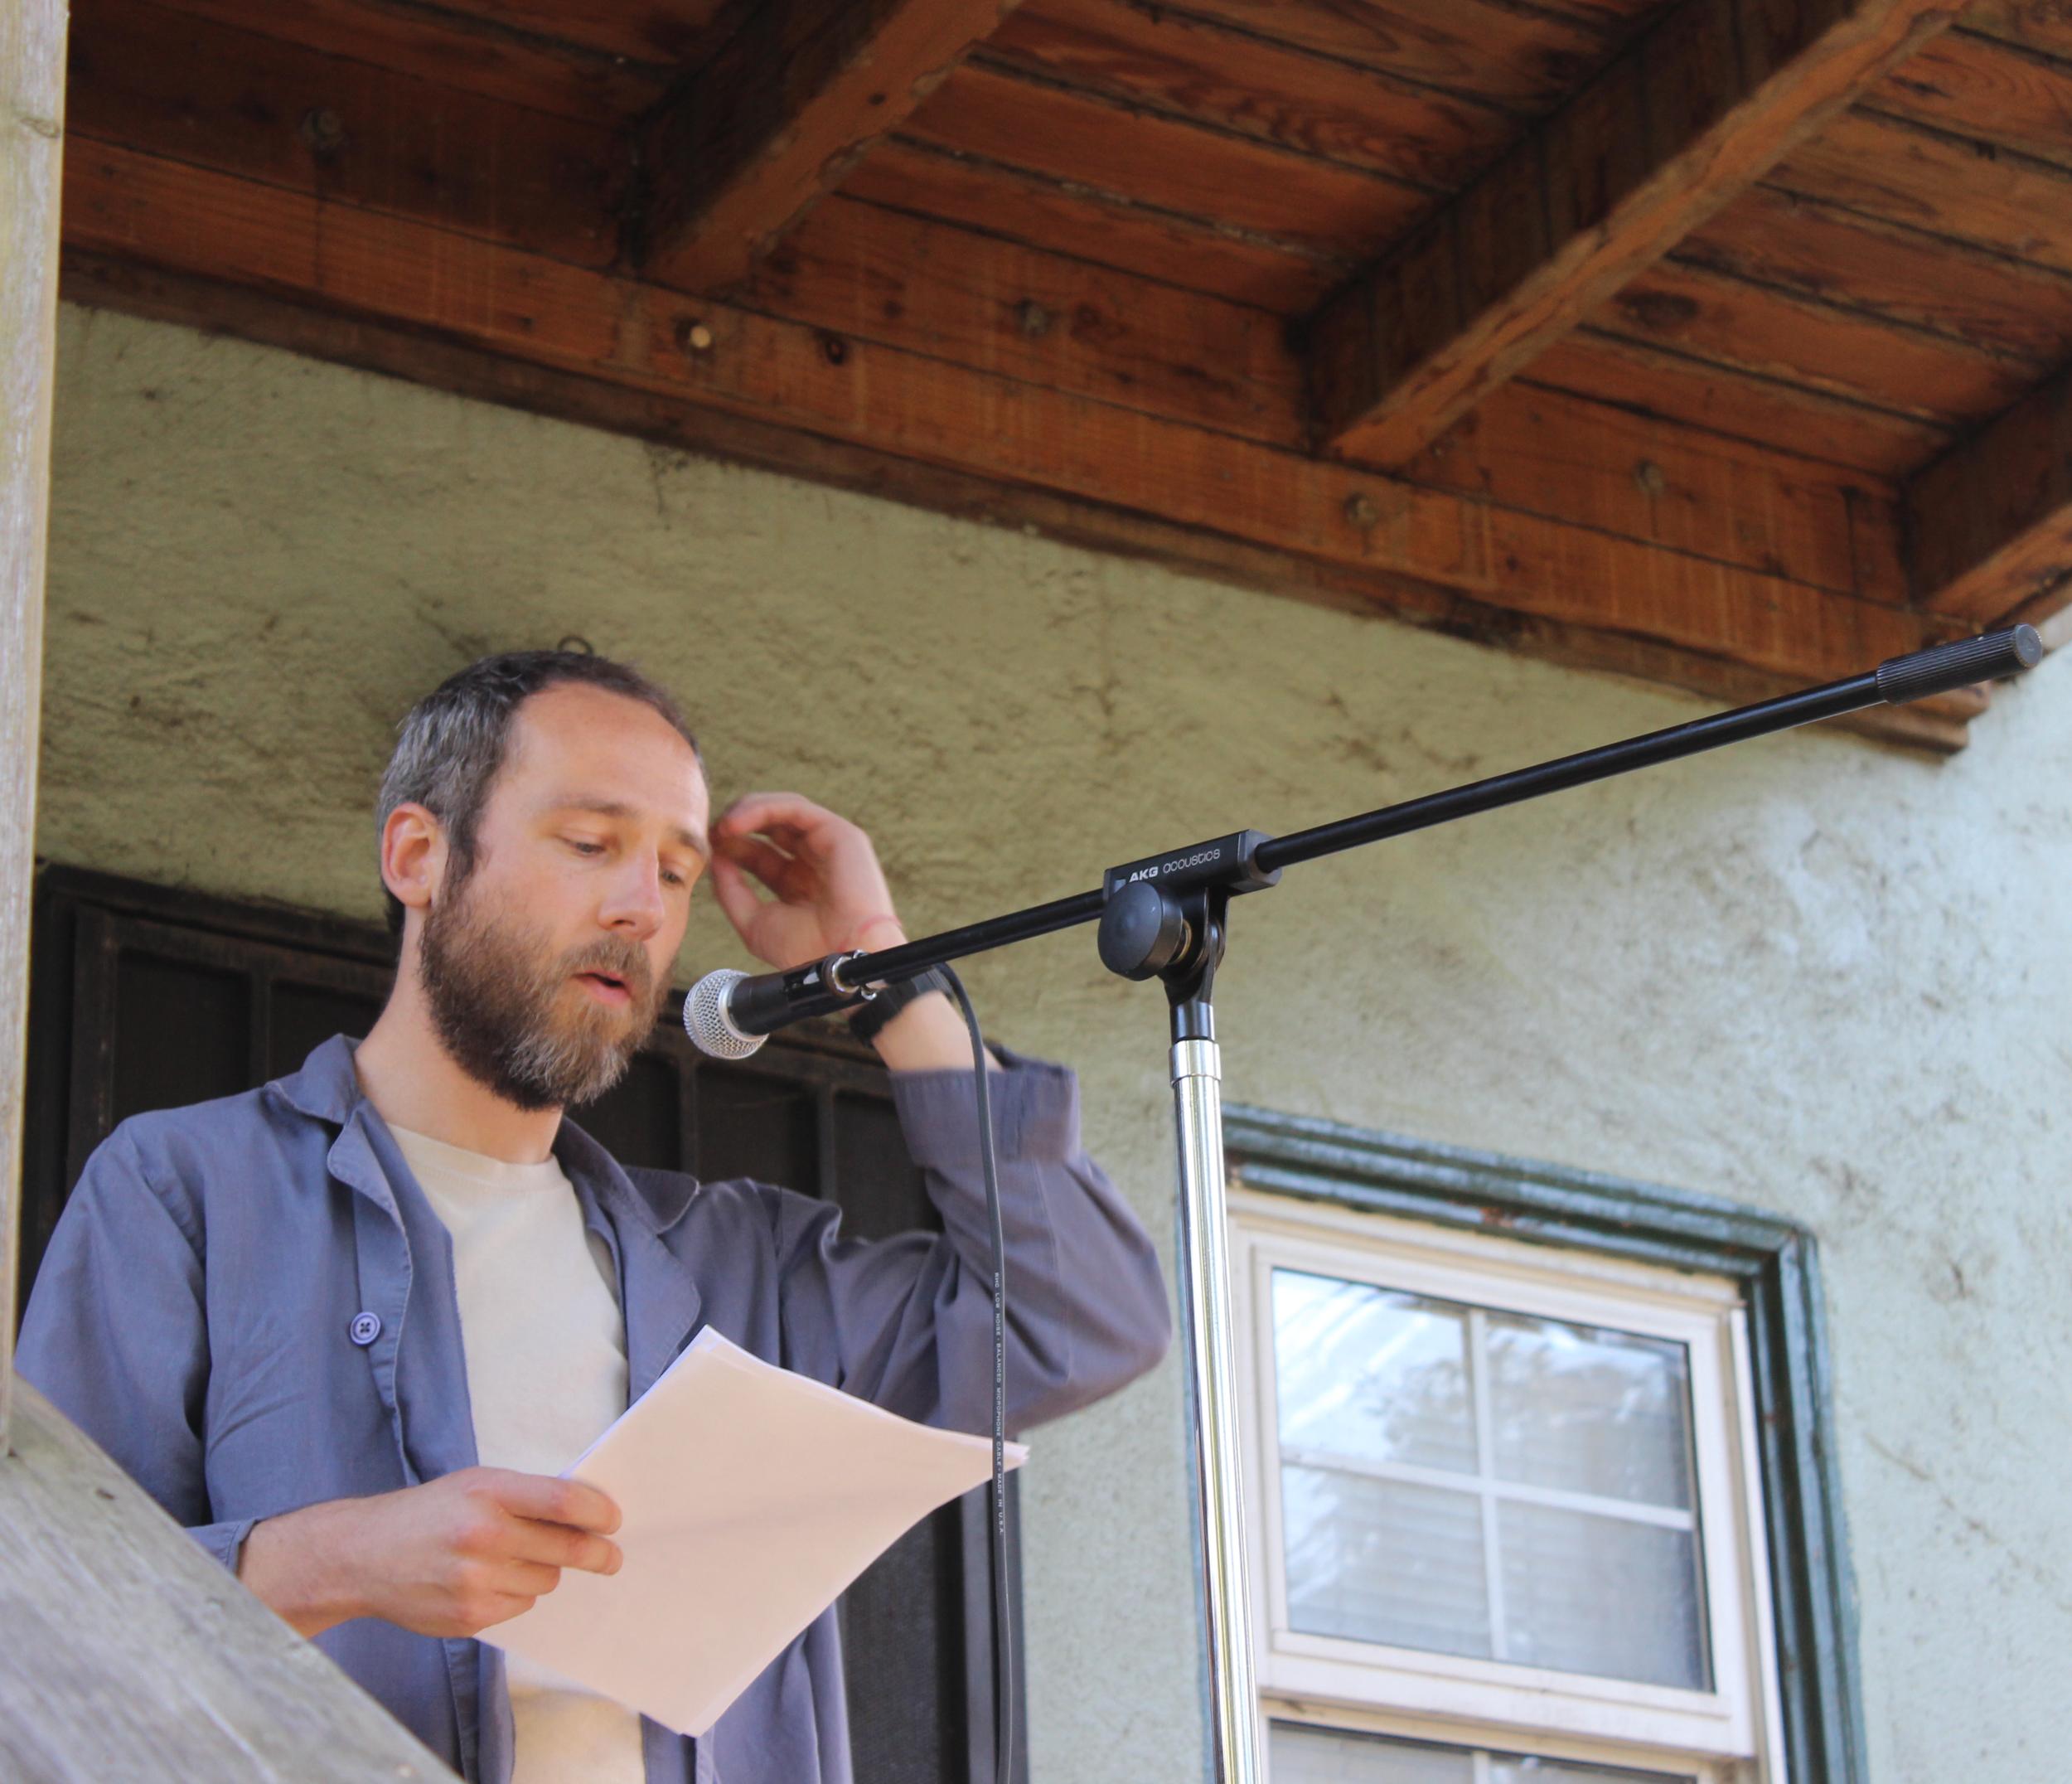 Paul Ebenkamp reads in the Oak Center neighborhood of West Oakland on 5/11/19